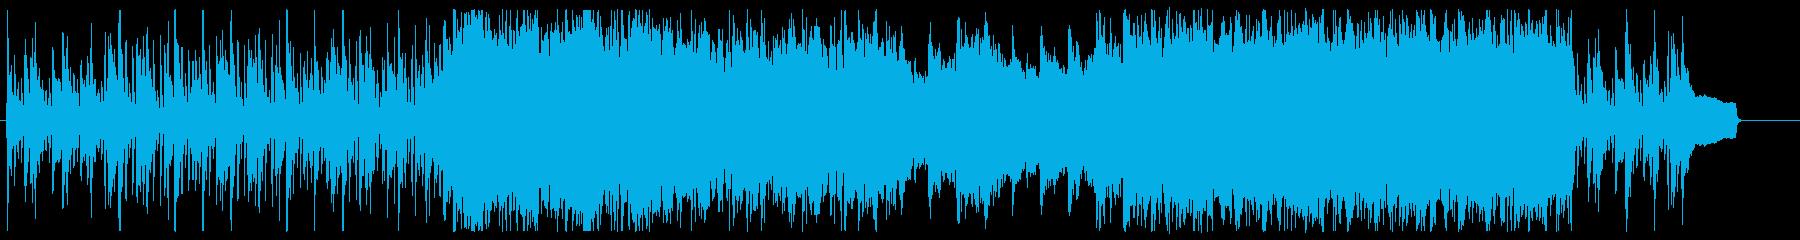 ポジティブなポップロックの再生済みの波形